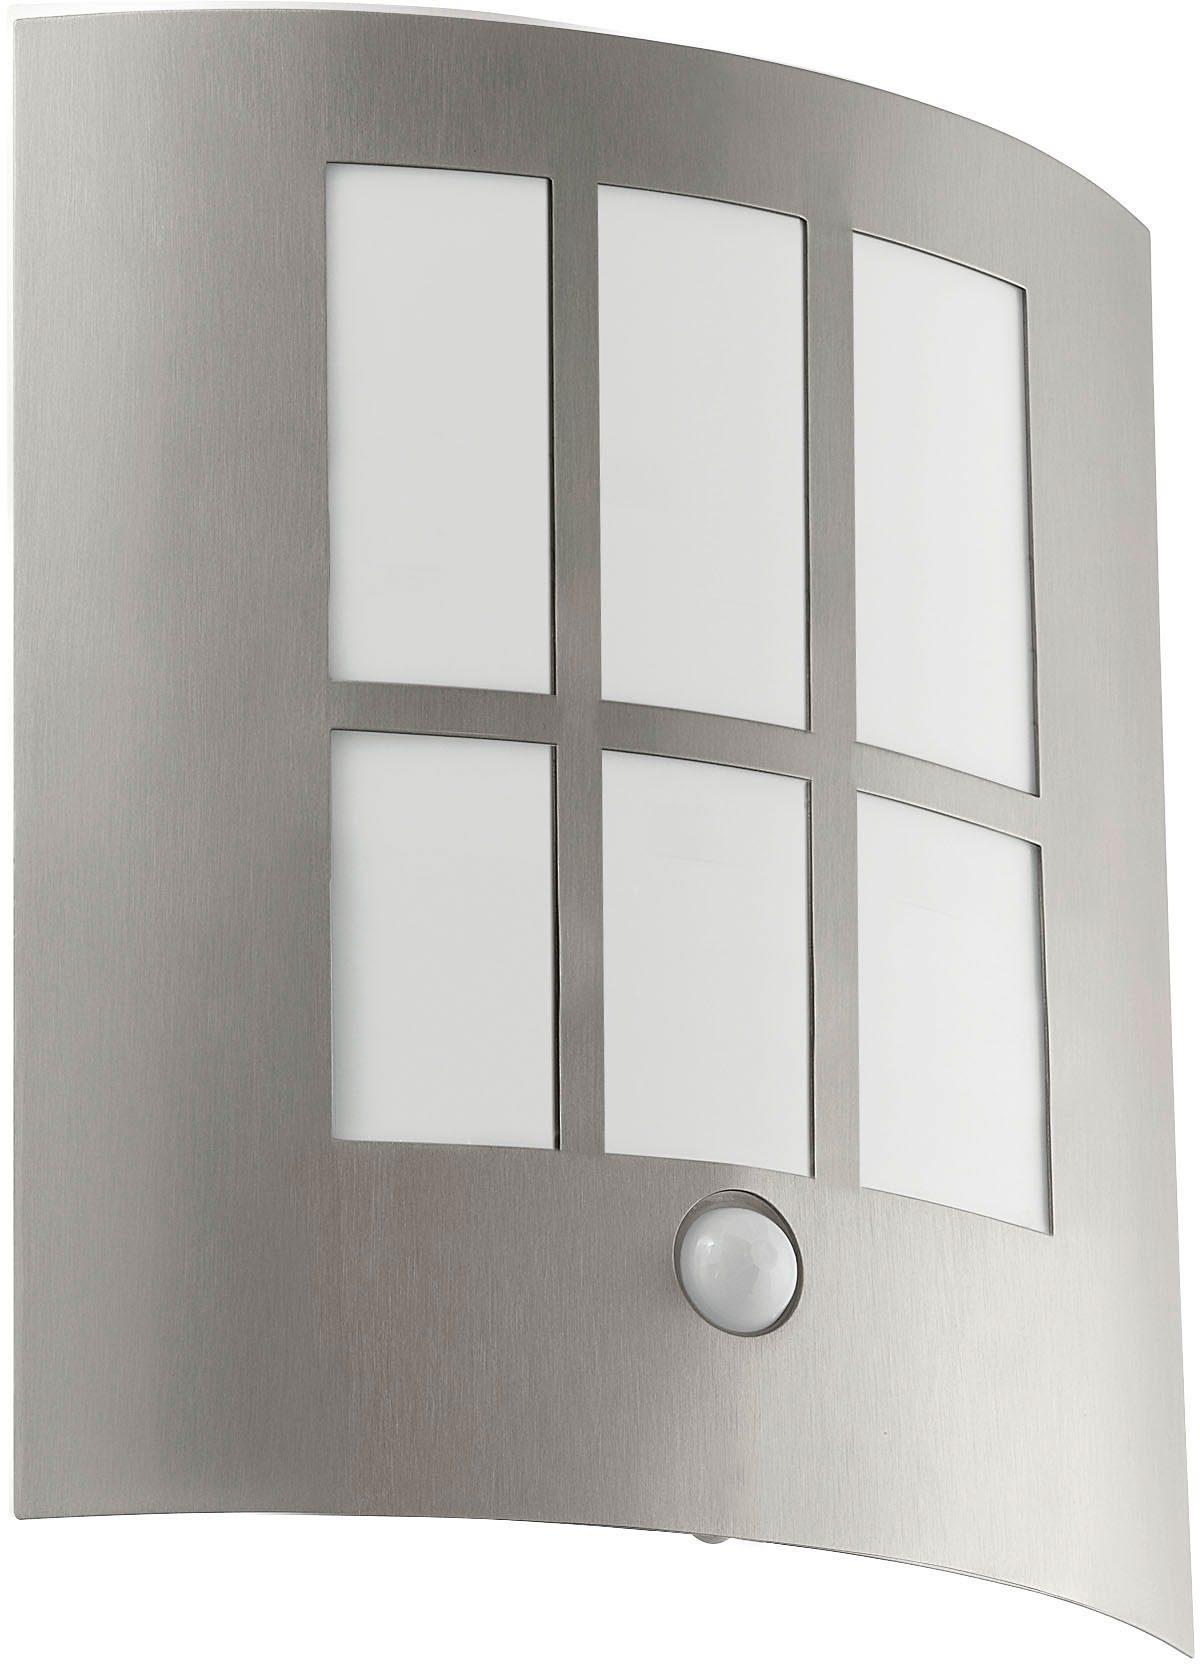 Eglo LED Außenleuchte, 1 flg., Wandleuchte mit Bewegungsmelder, »City LED«